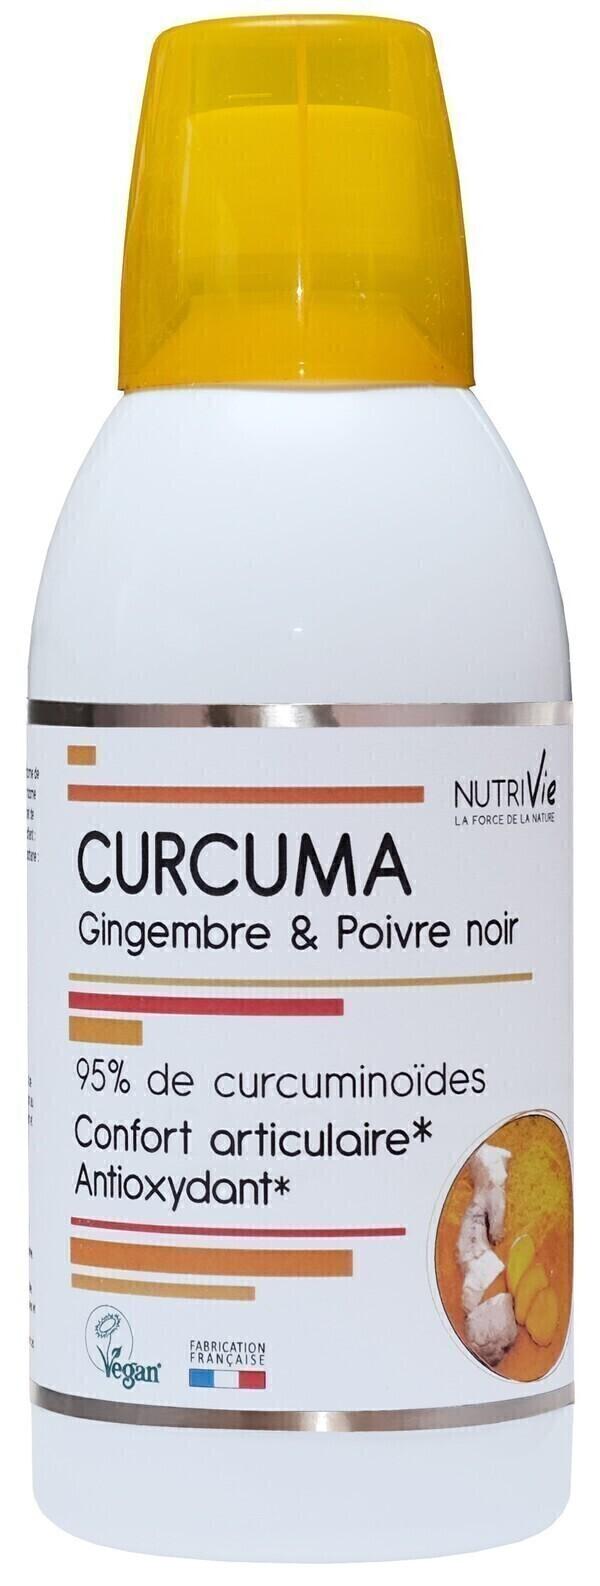 NutriVie - Curcuma, Gingembre & Poivre Noir 500mL